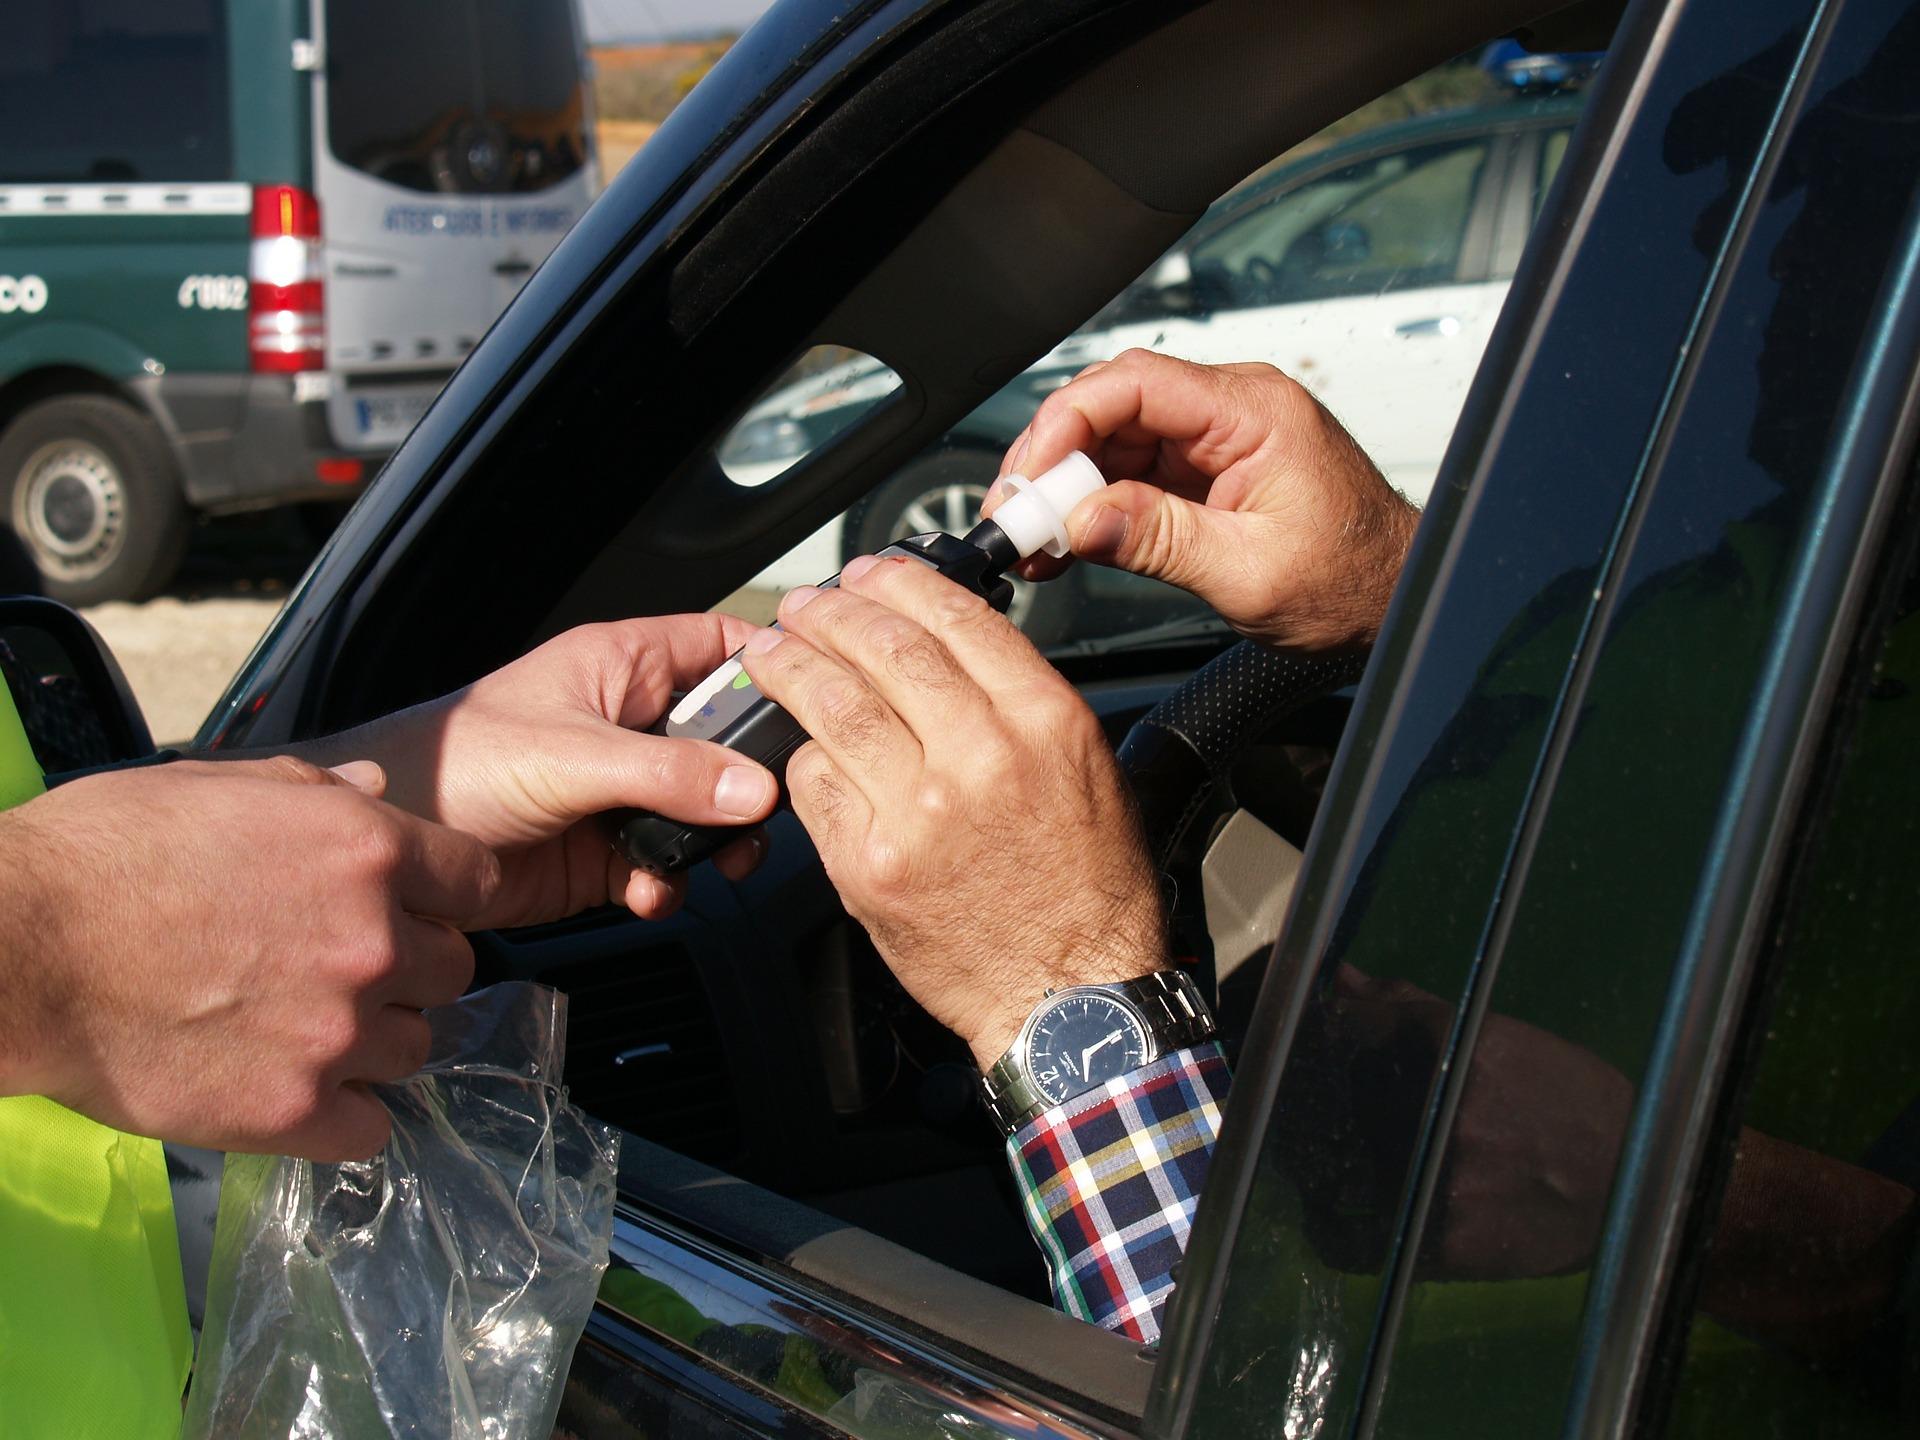 CZERTEŻ: Obywatelskie ujęcie kompletnie pijanego kierowcy - Zdjęcie główne